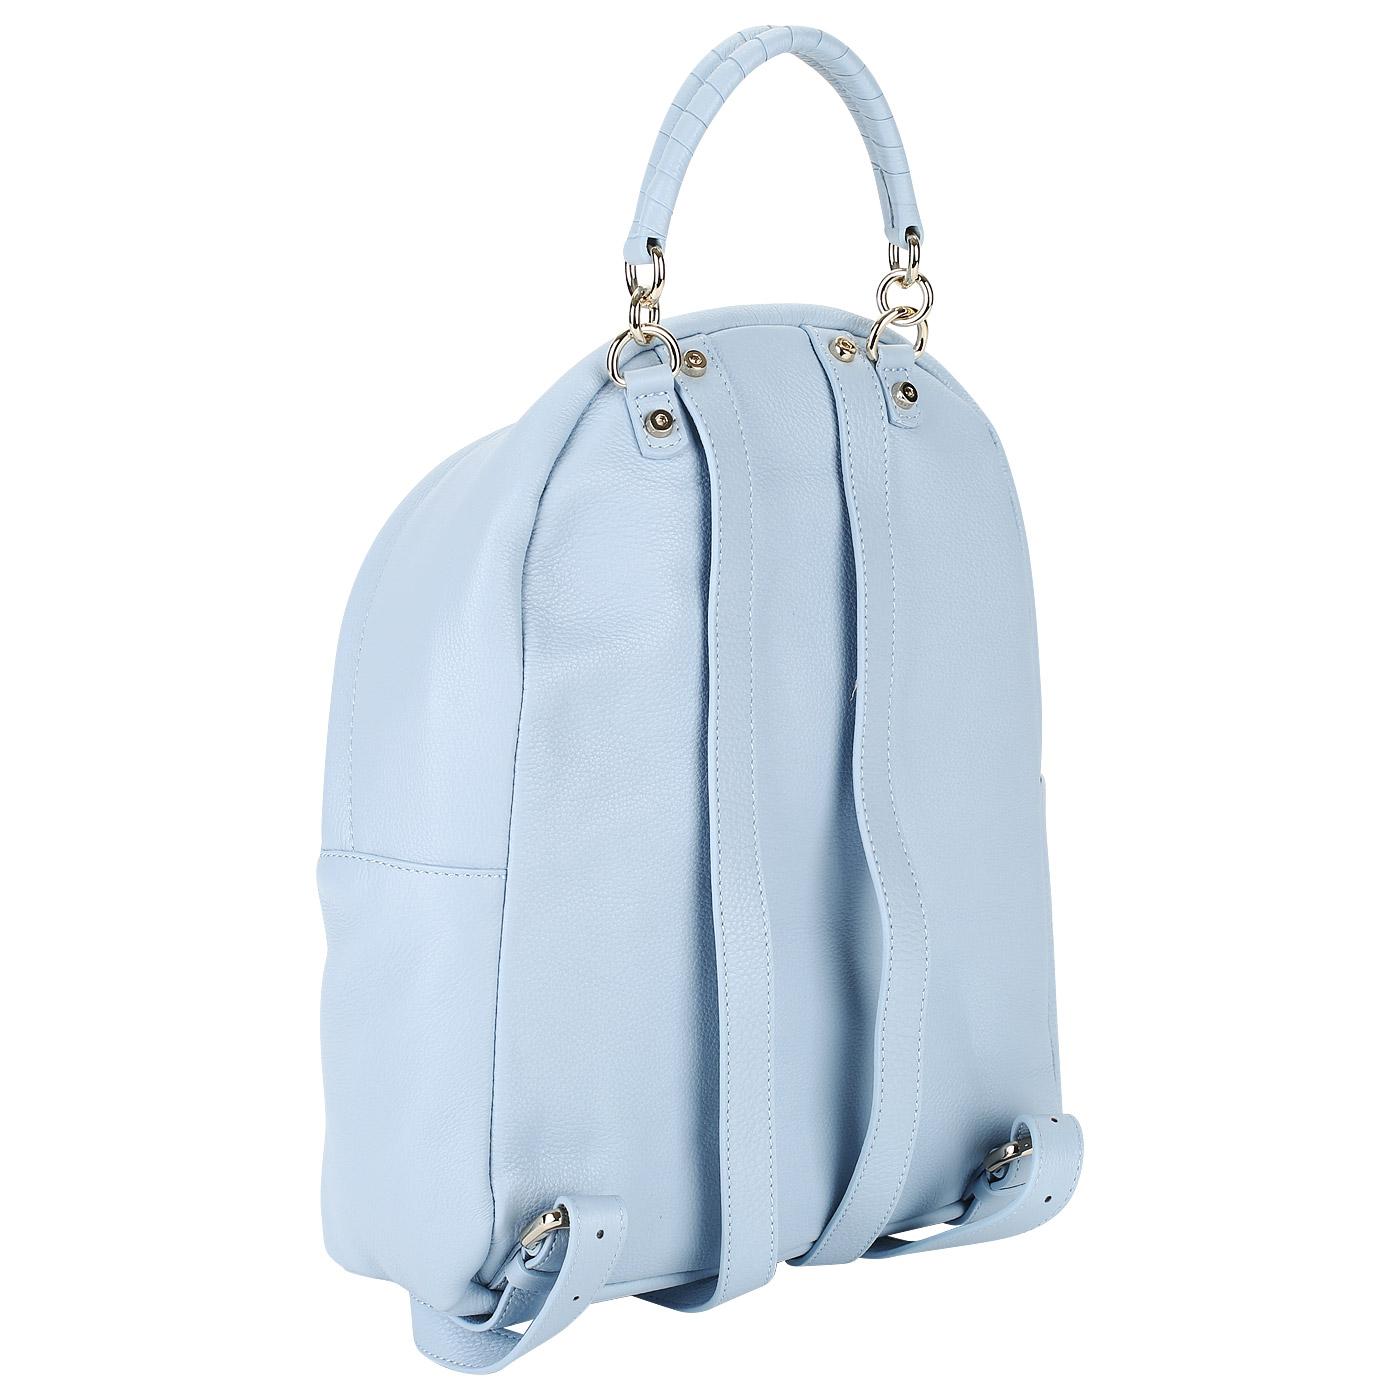 0c5c0b0bf277 Женский кожаный рюкзак Coccinelle Leonie BN0 14 01 01_iris ...